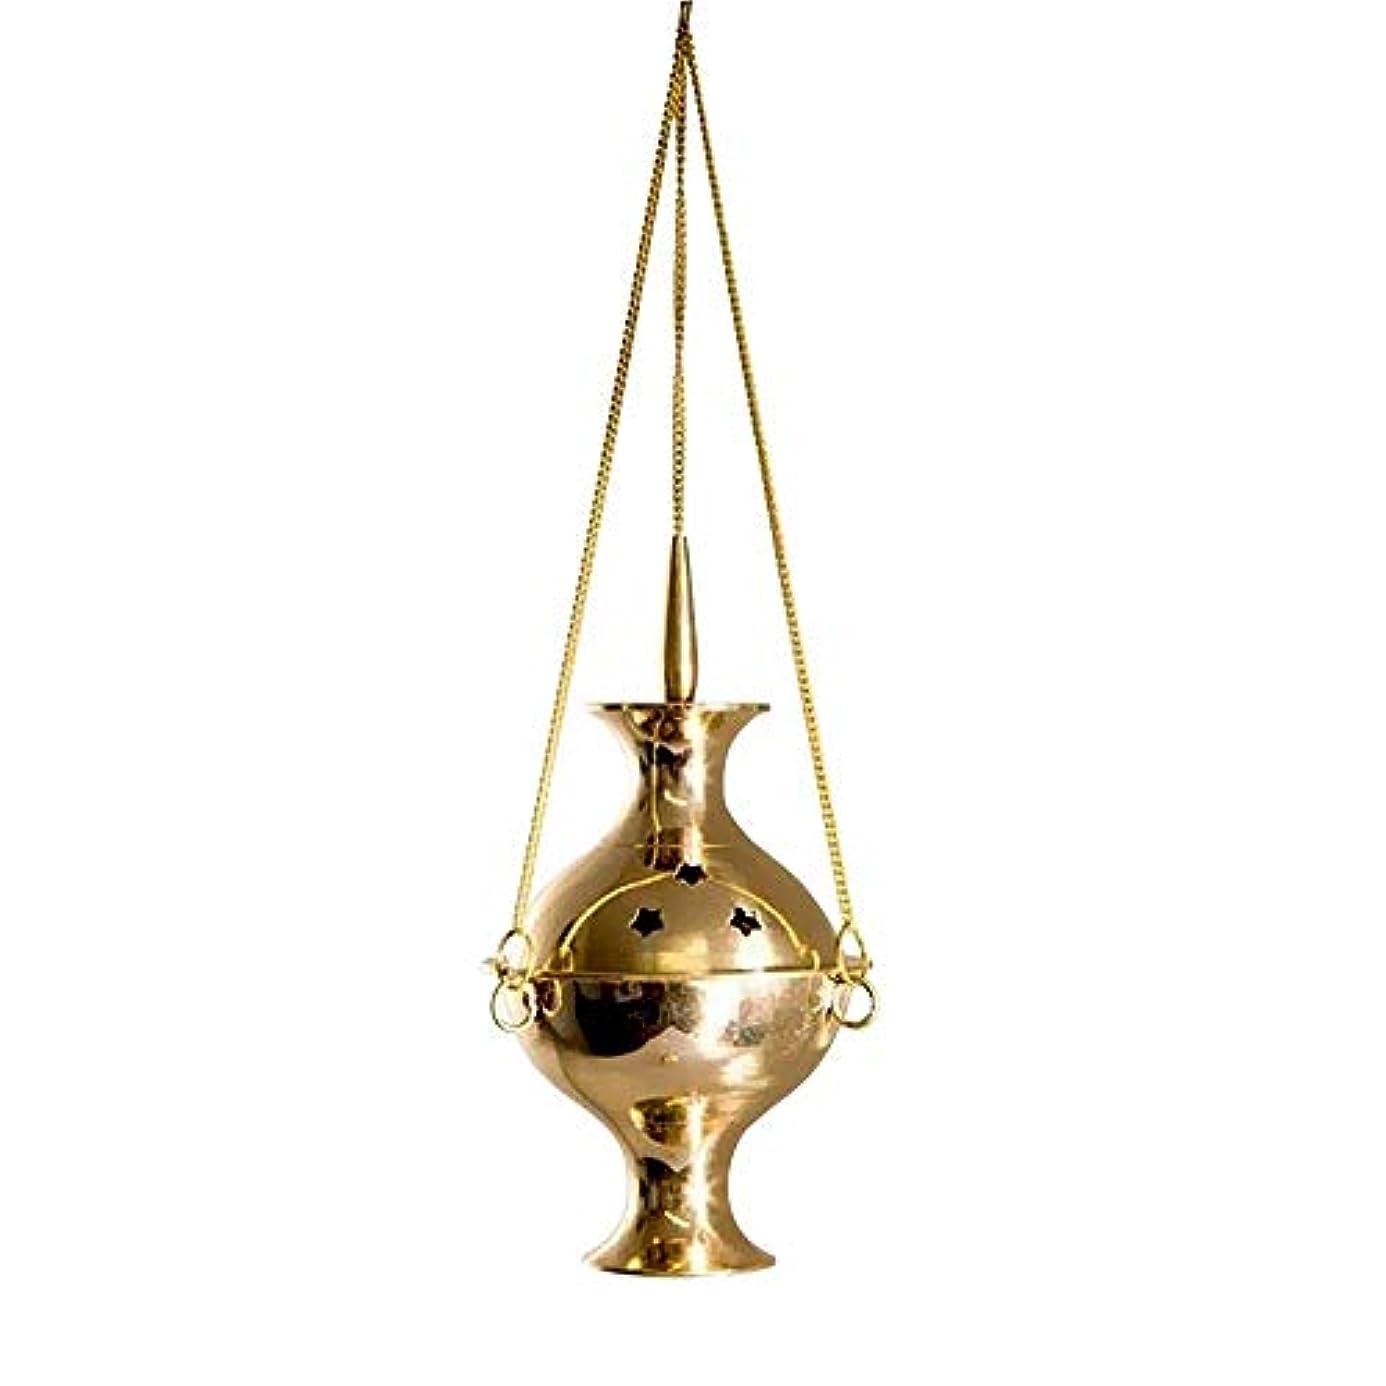 医学クリークミトンカトリック香炉 吊り下げ式香炉 チャコール 6インチ 真鍮 吊り下げ 香炉 炭 香炉 バーナー 真鍮製 輝く仕上げで適切な燃焼に役立ちます。